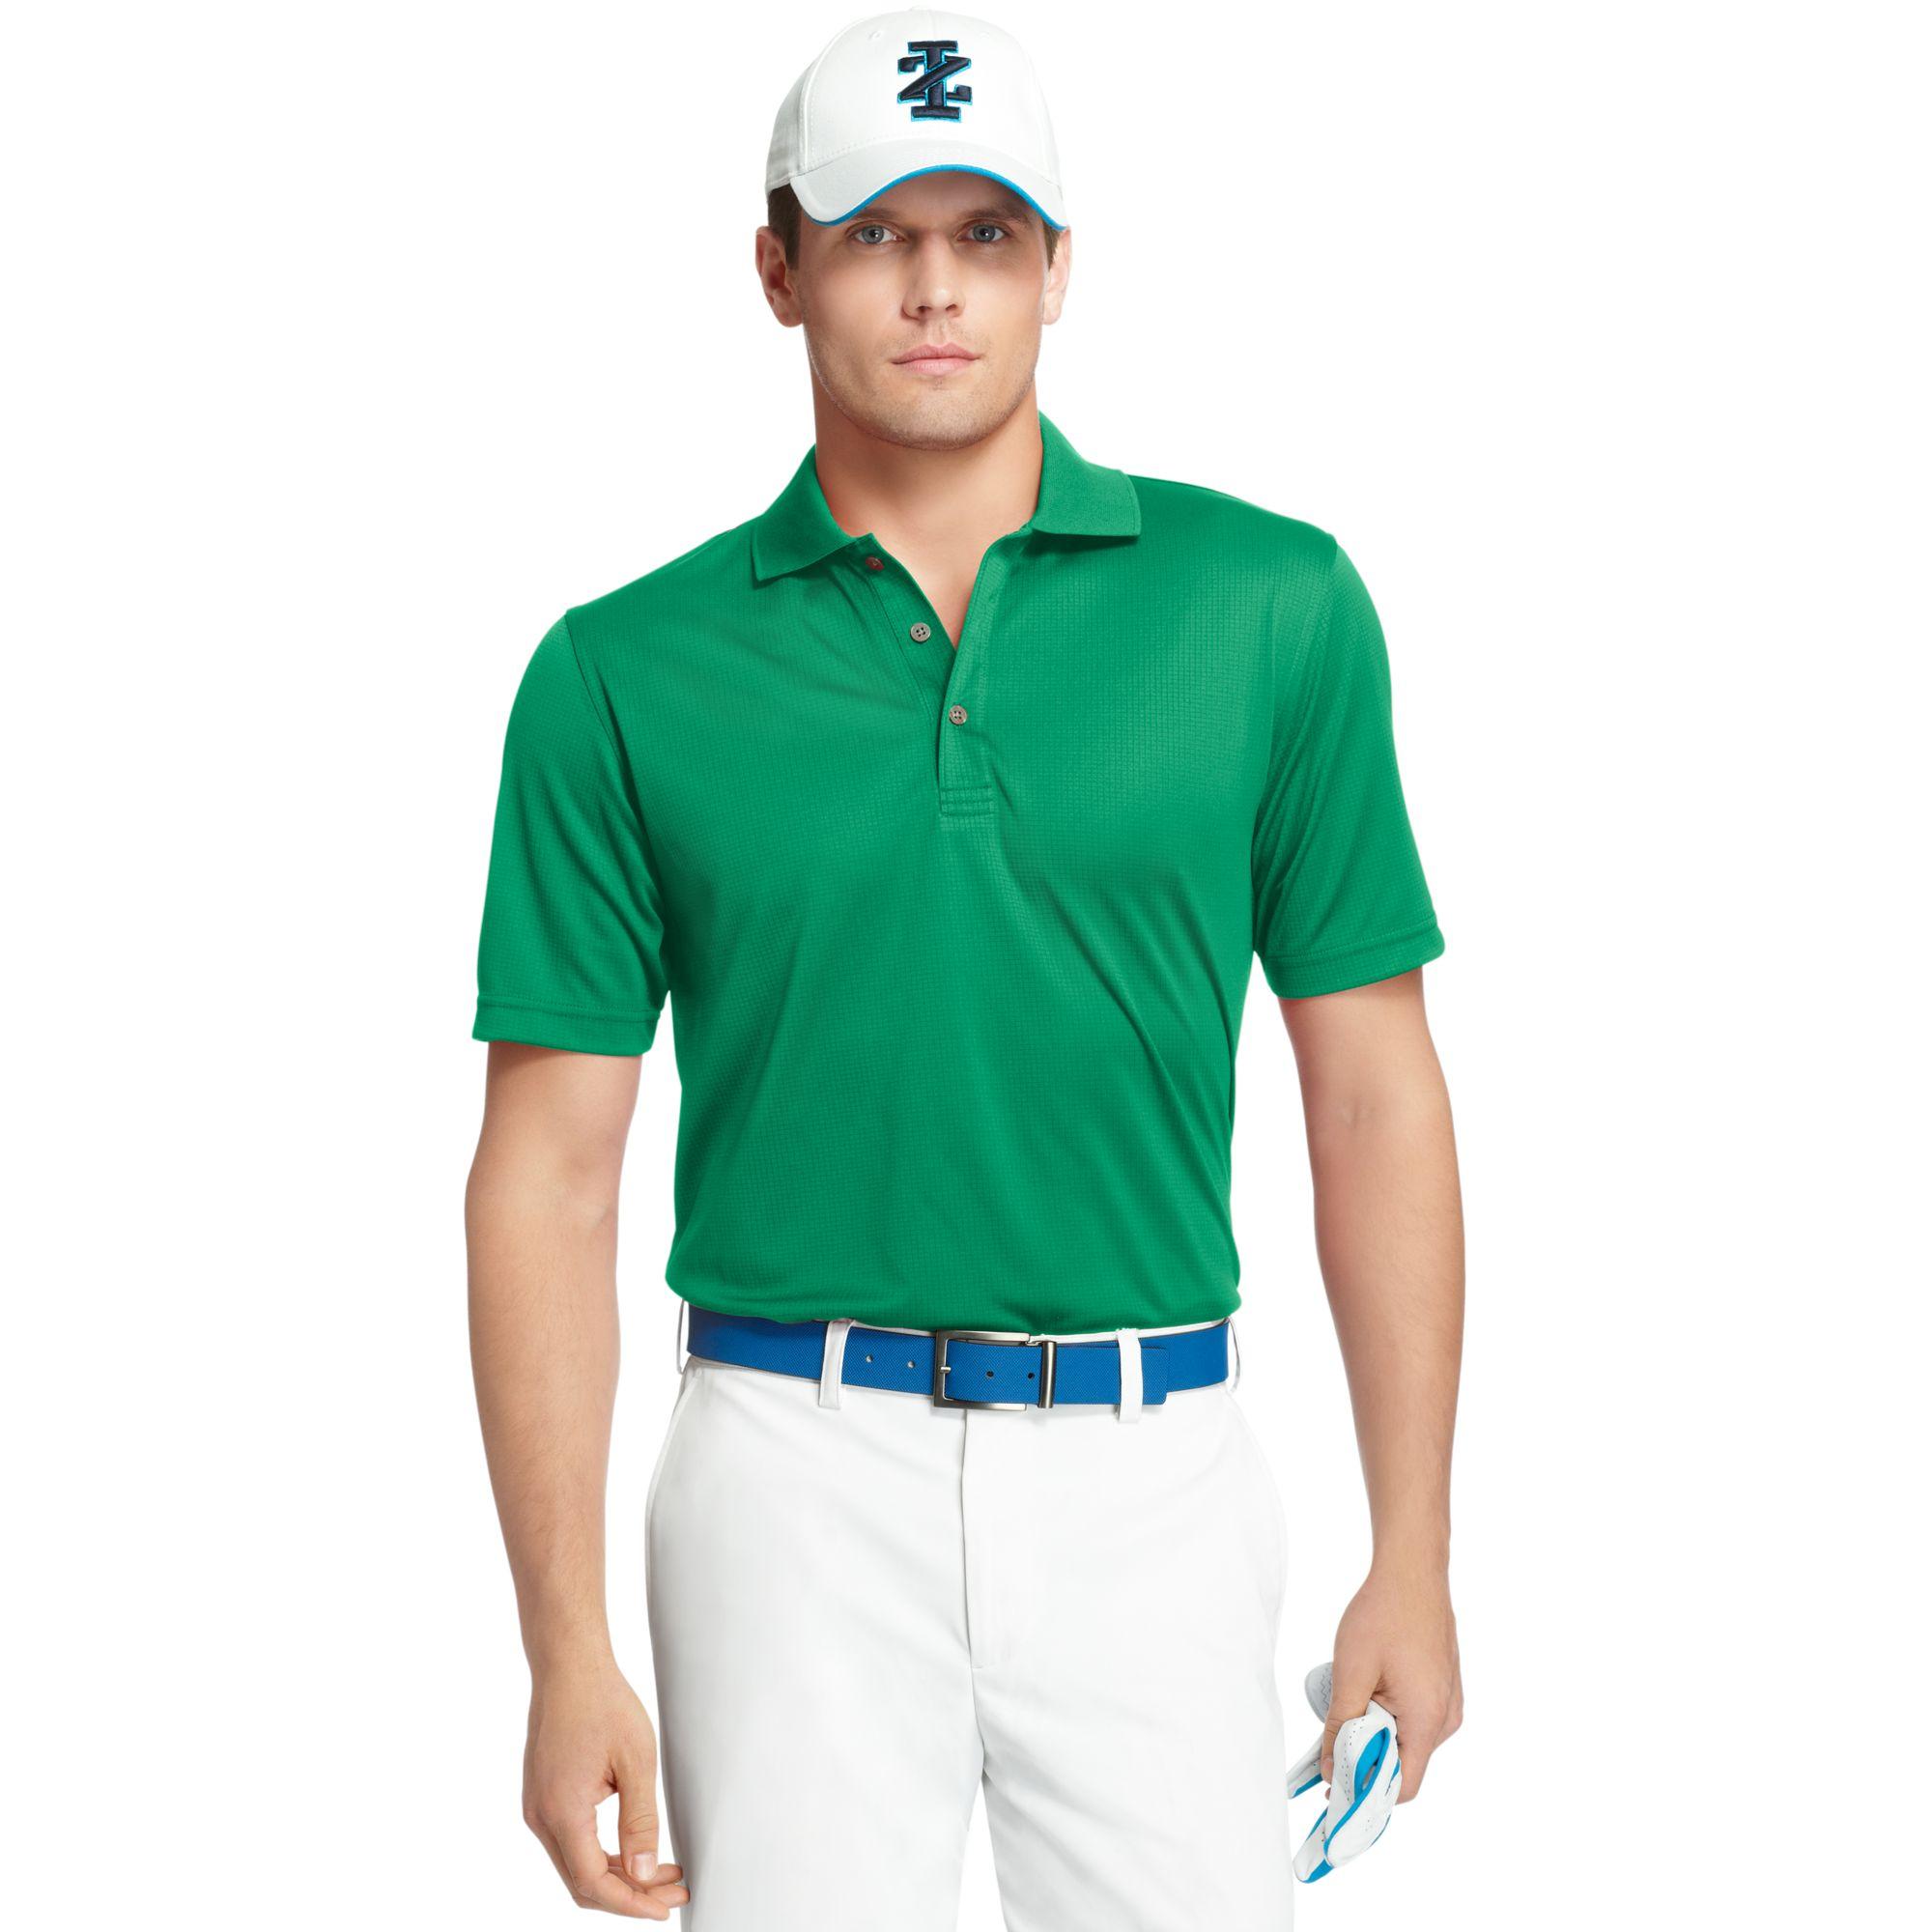 74c99a21 Izod Polo Shirts Long Sleeve - DREAMWORKS